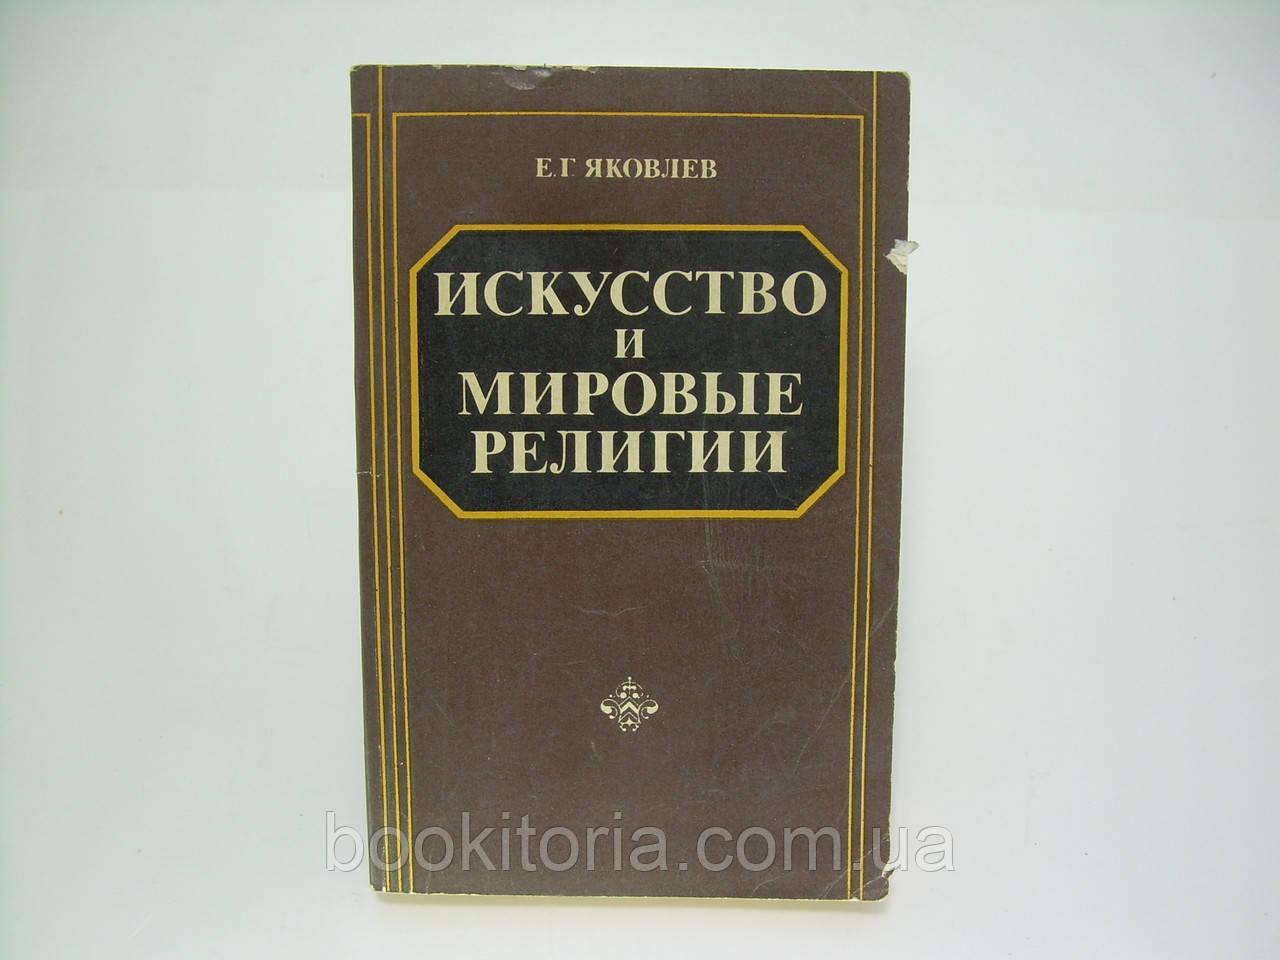 Яковлев Е.Г. Искусство и мировые религии (б/у).